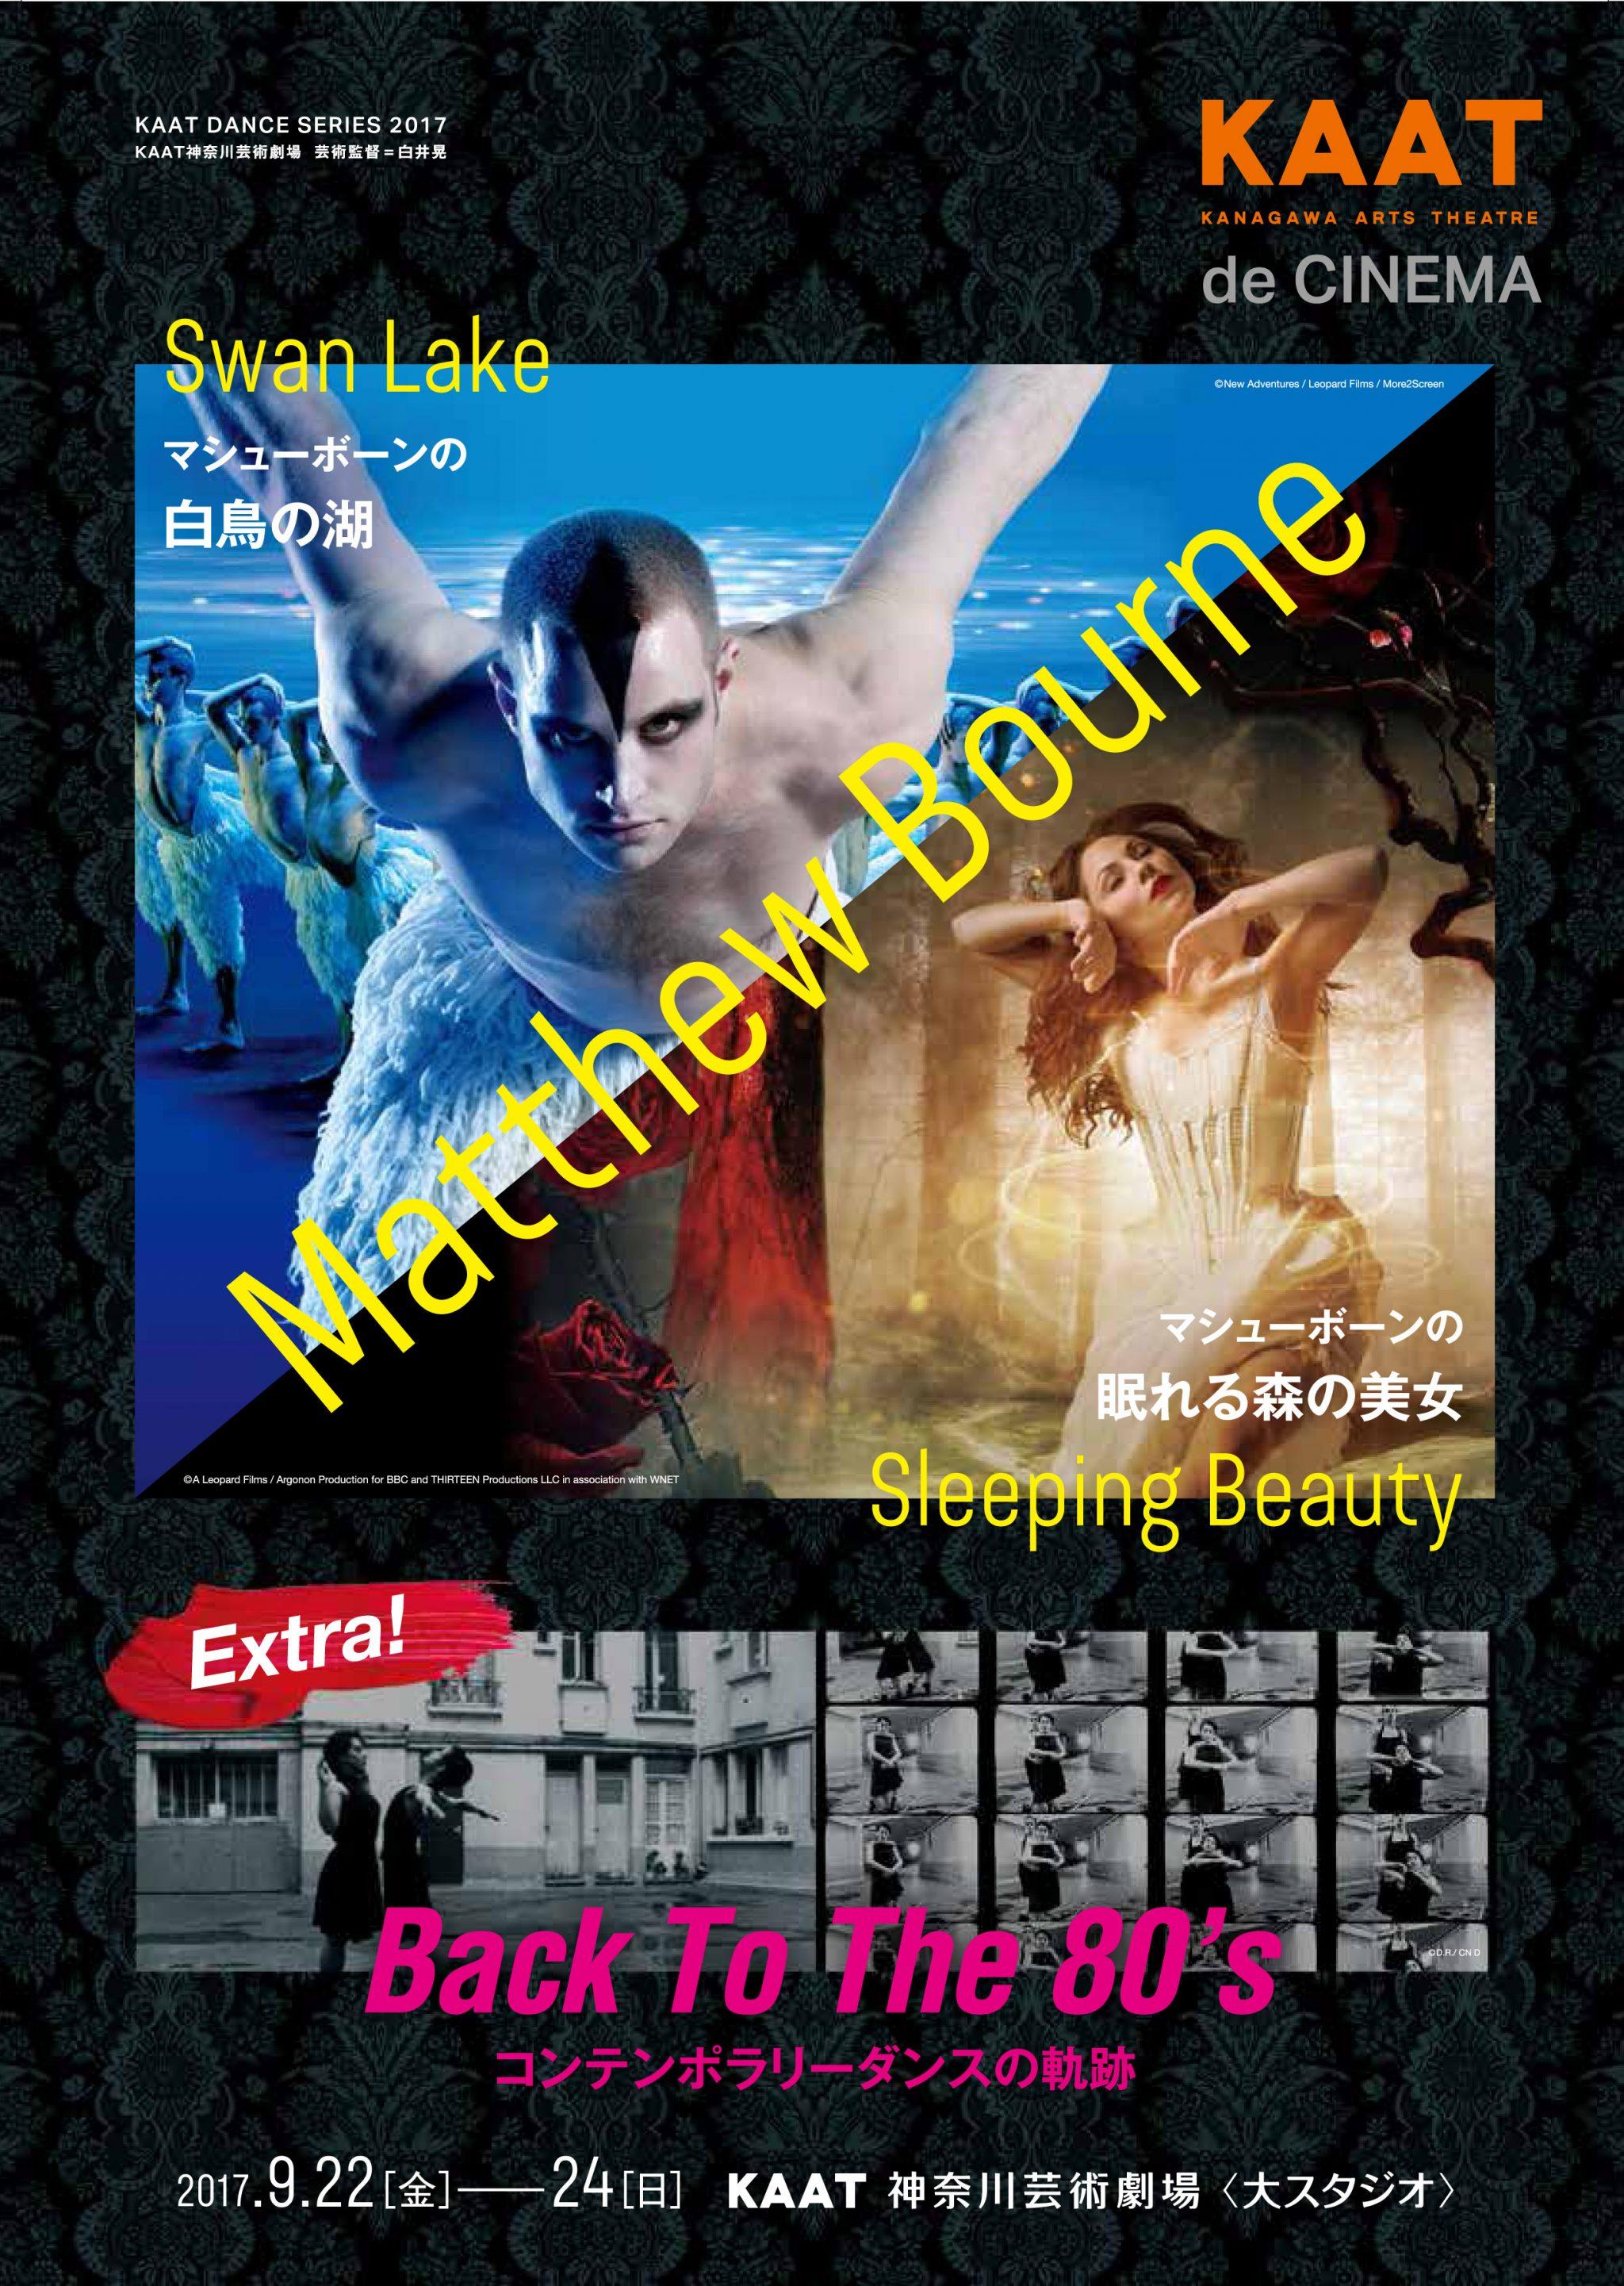 KAAT de CINEMA  ◆マシュー・ボーンの 『白鳥の湖』&『眠れる森の美女』 ◆『Back to the 80's』コンテンポラリー・ダンスの軌跡